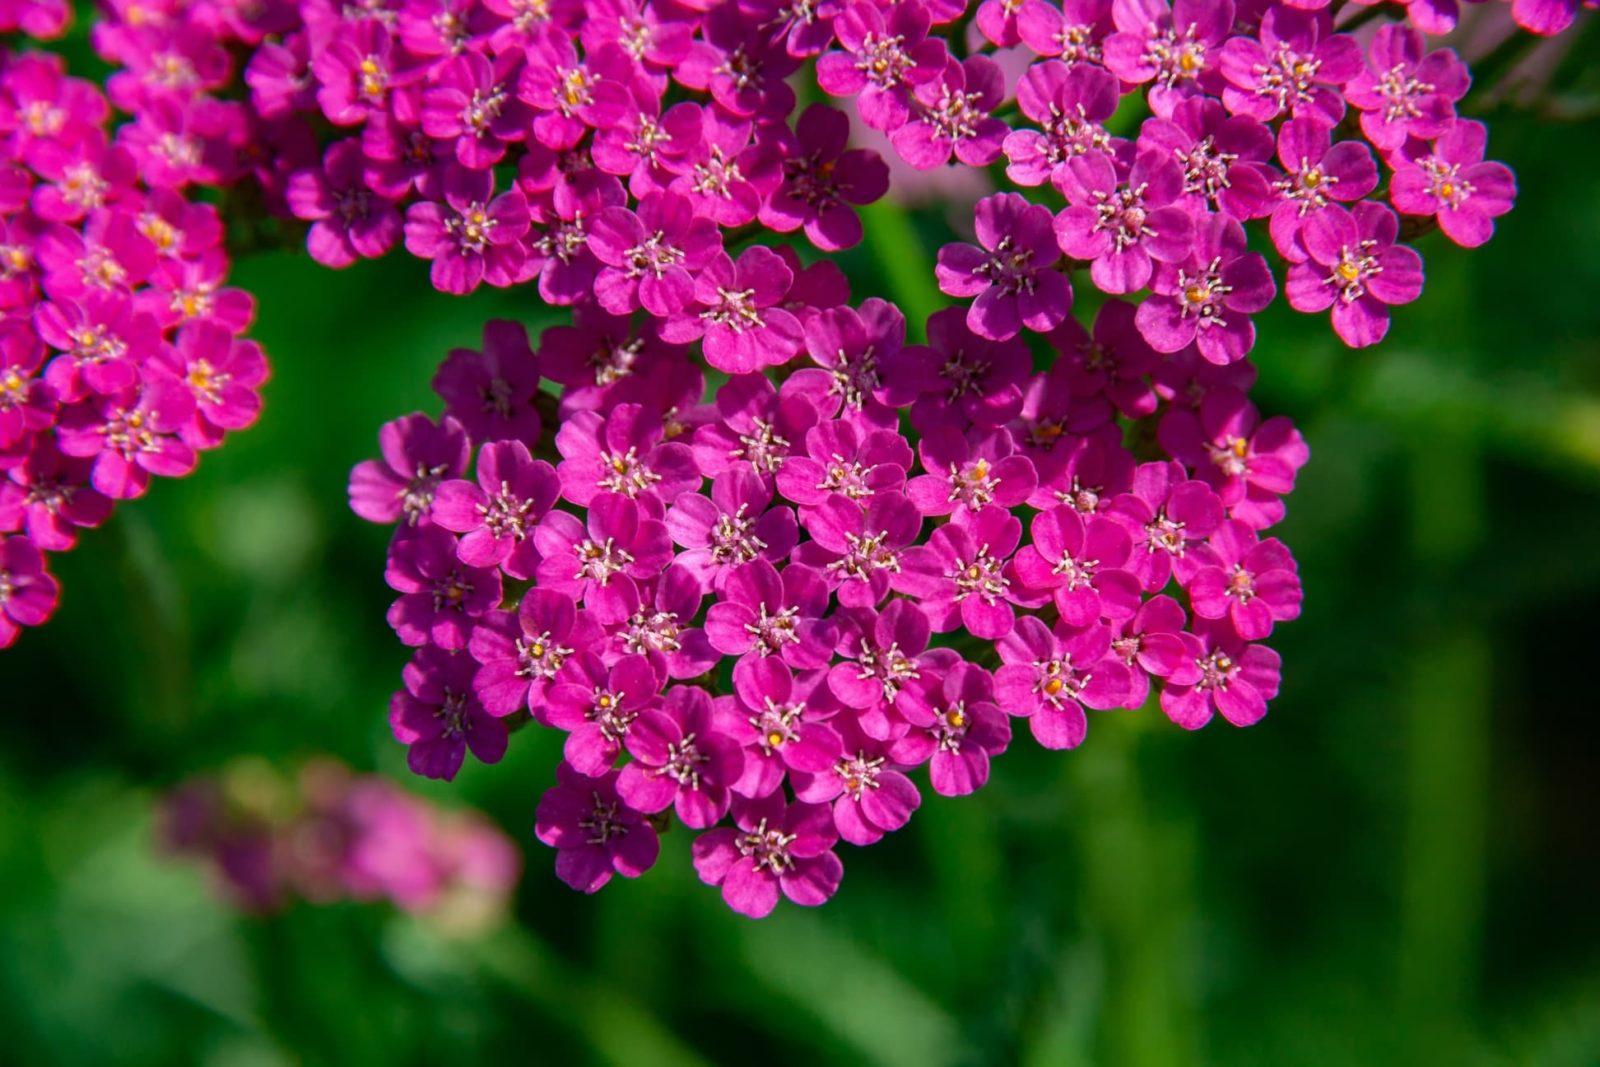 purple achillea flowers